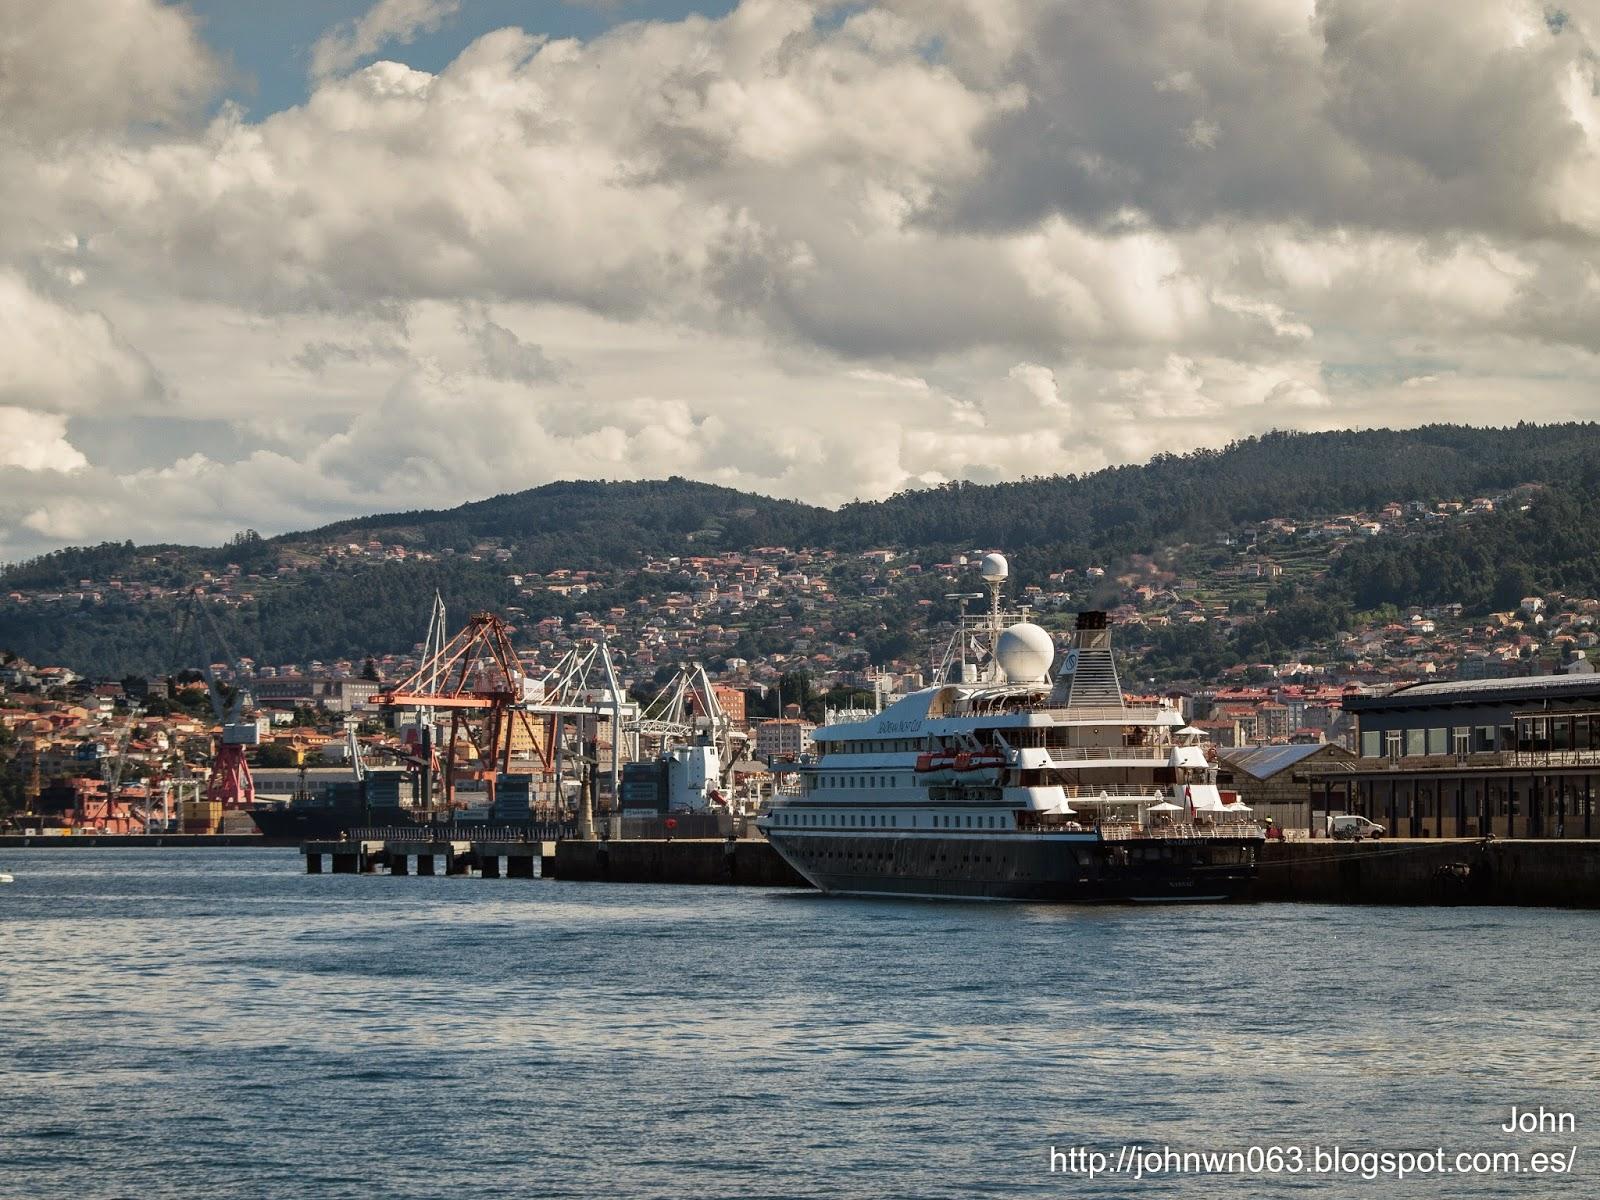 fotos de barcos, imagenes de barcos, sea dream, seadream club, vigo, crucero